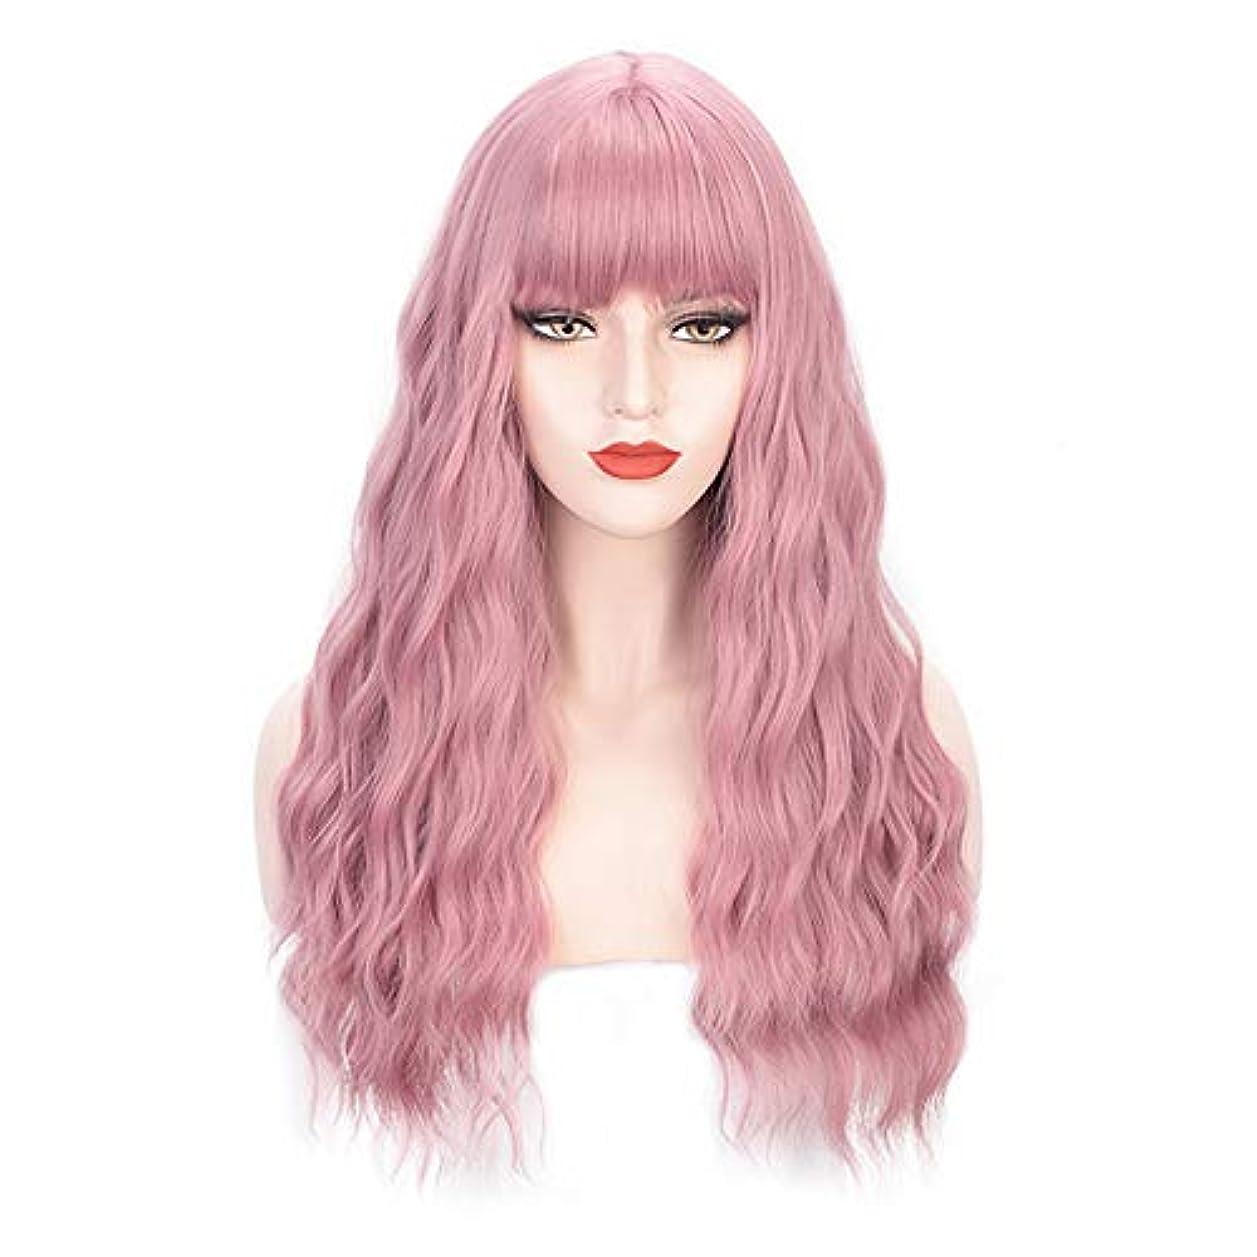 首花束実装するヘアピースロングカーリー女性女の子魅力的な合成かつら人工シルクヘアウィッグ高温風量ソフトカーリーロングカーリービッグウェーブヘアウィッグコスプレ28インチ